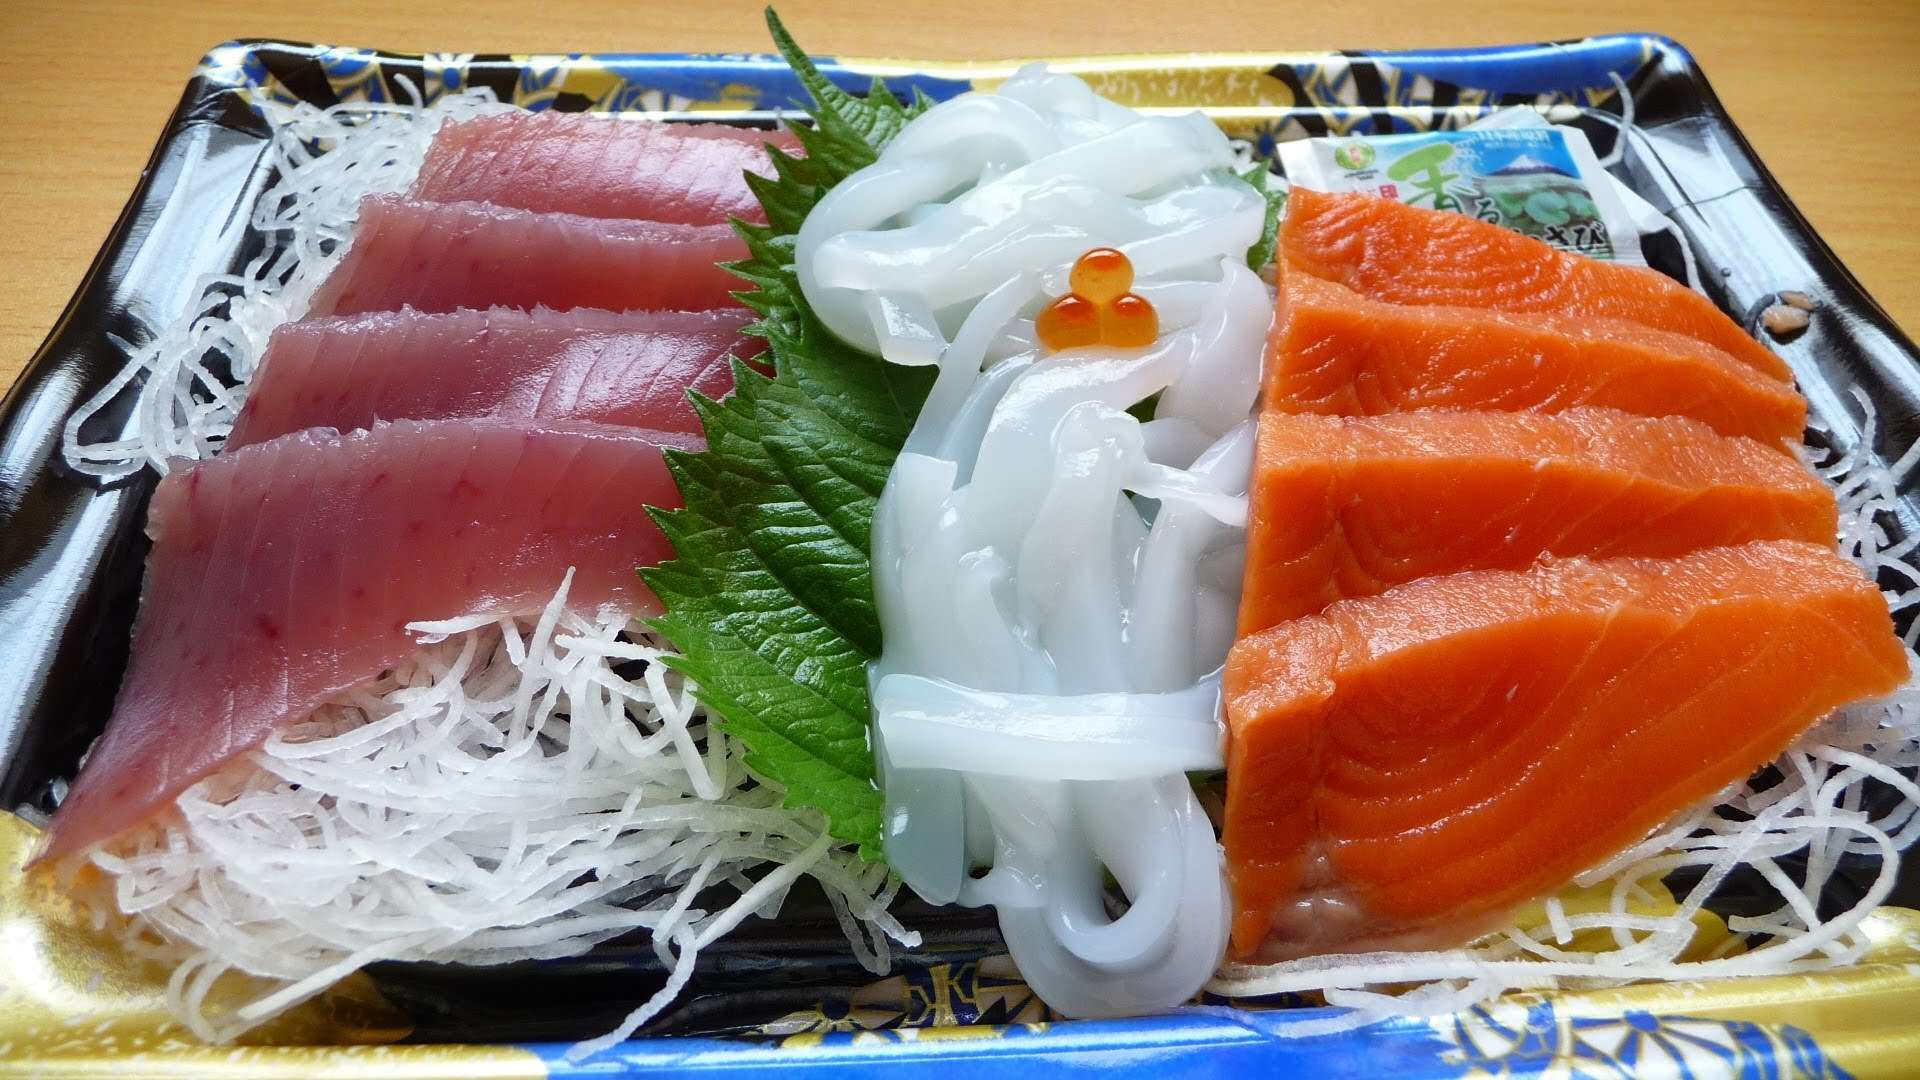 Sashimi được bày trí rất đẹp mắt với nhiều loại hải sản sống được thái thành những lát mỏng